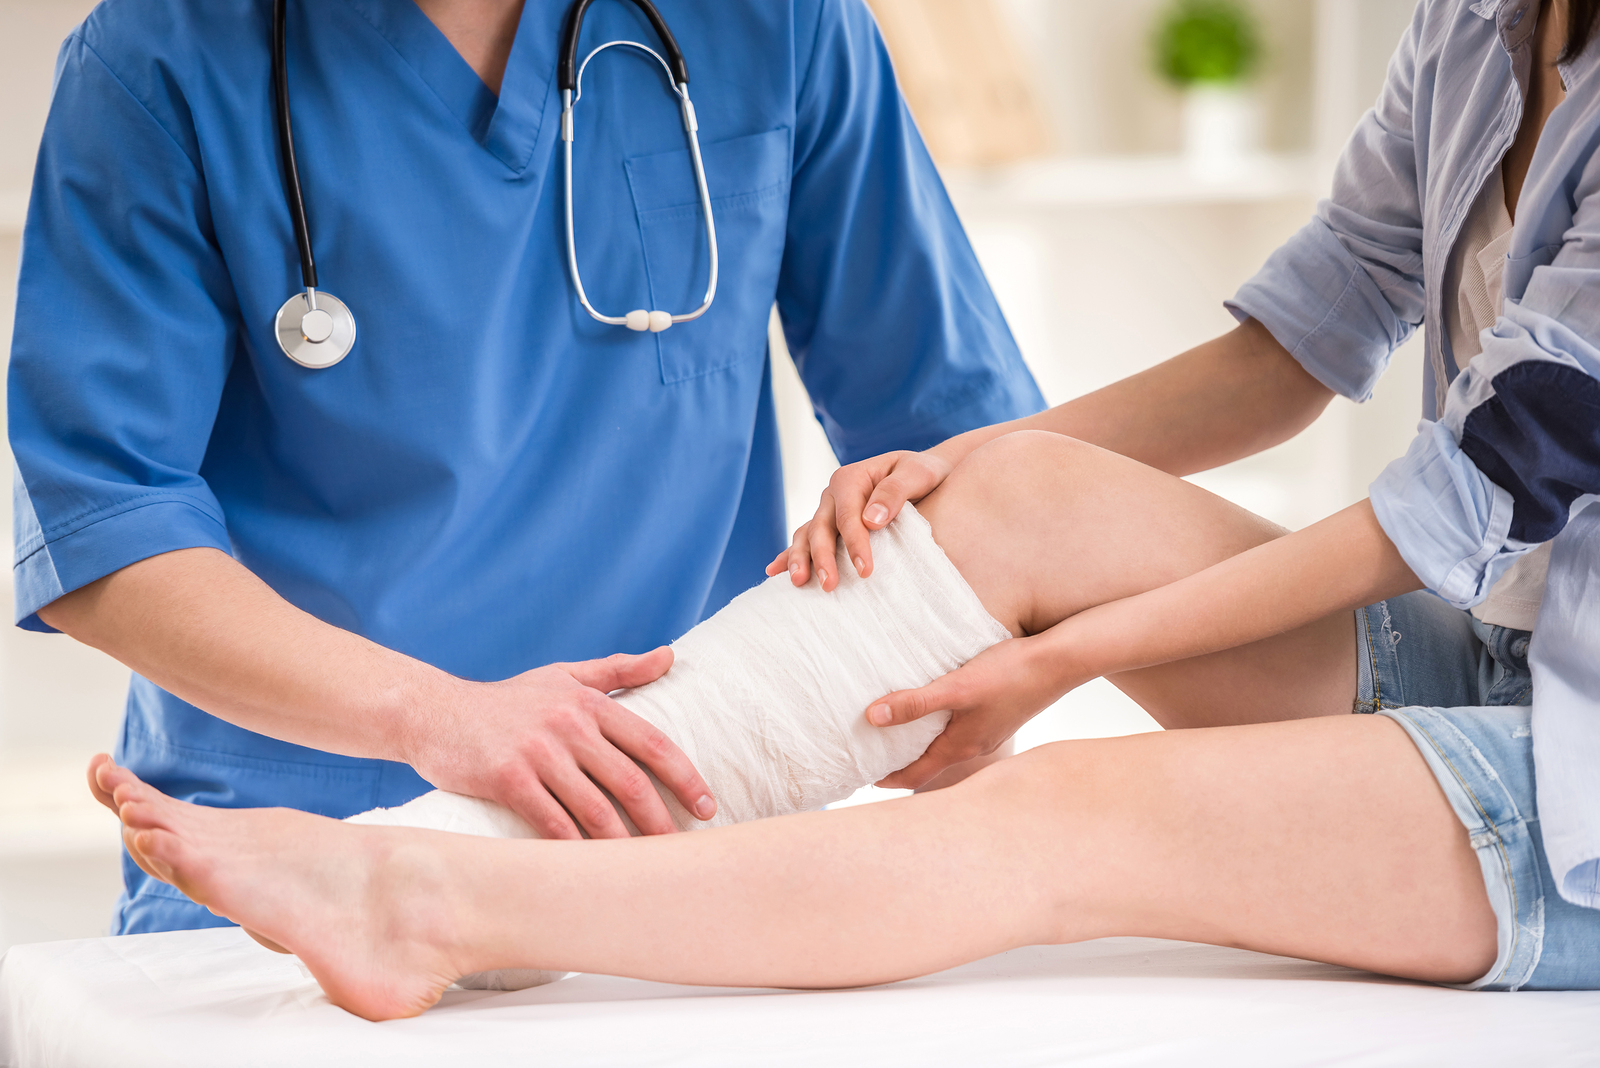 Doctor bandaging leg.jpg